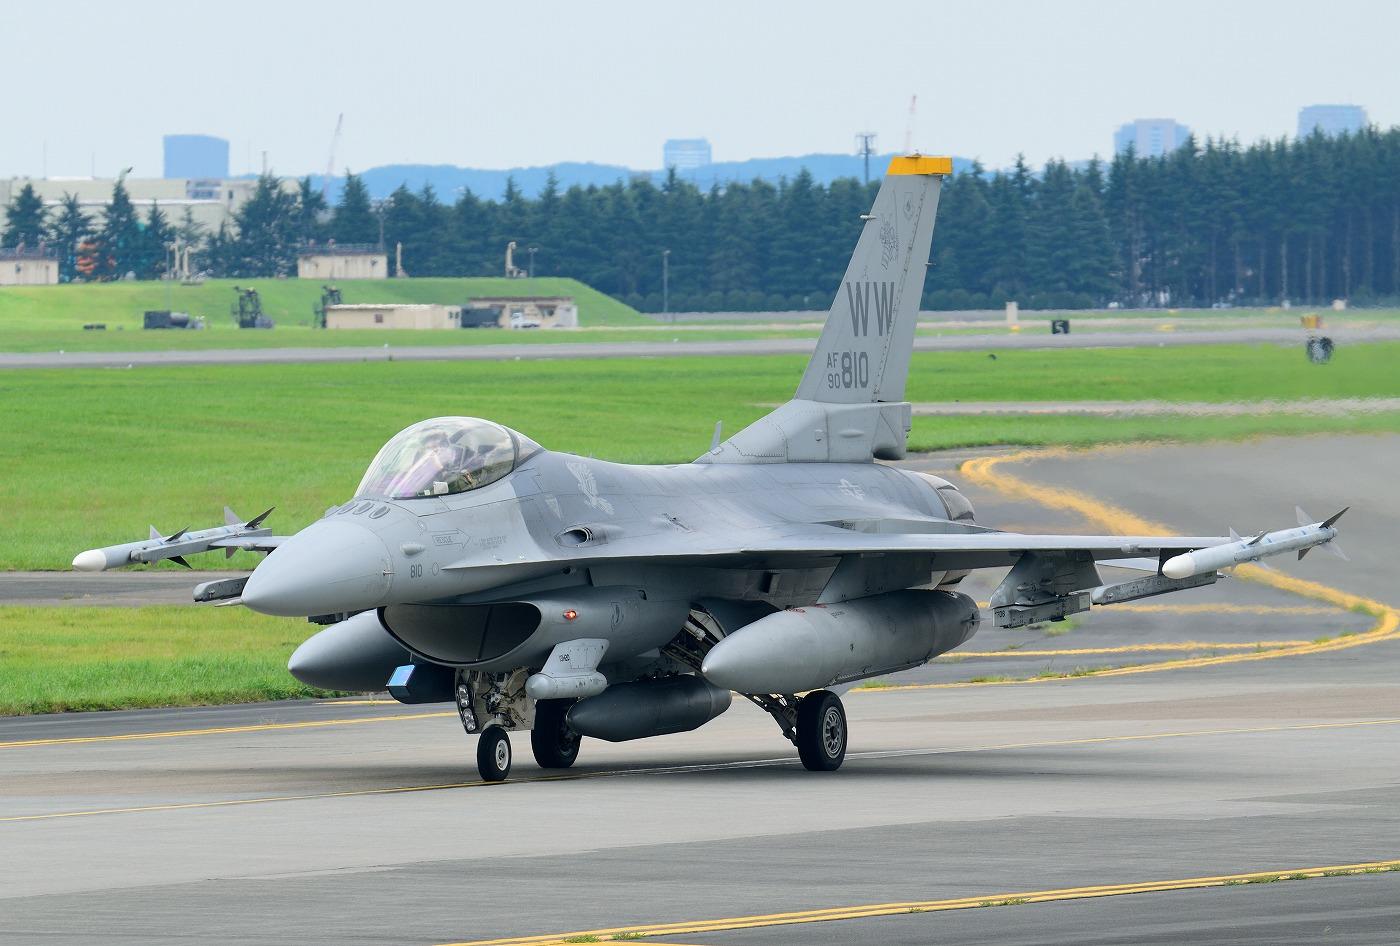 F16cm150724g978